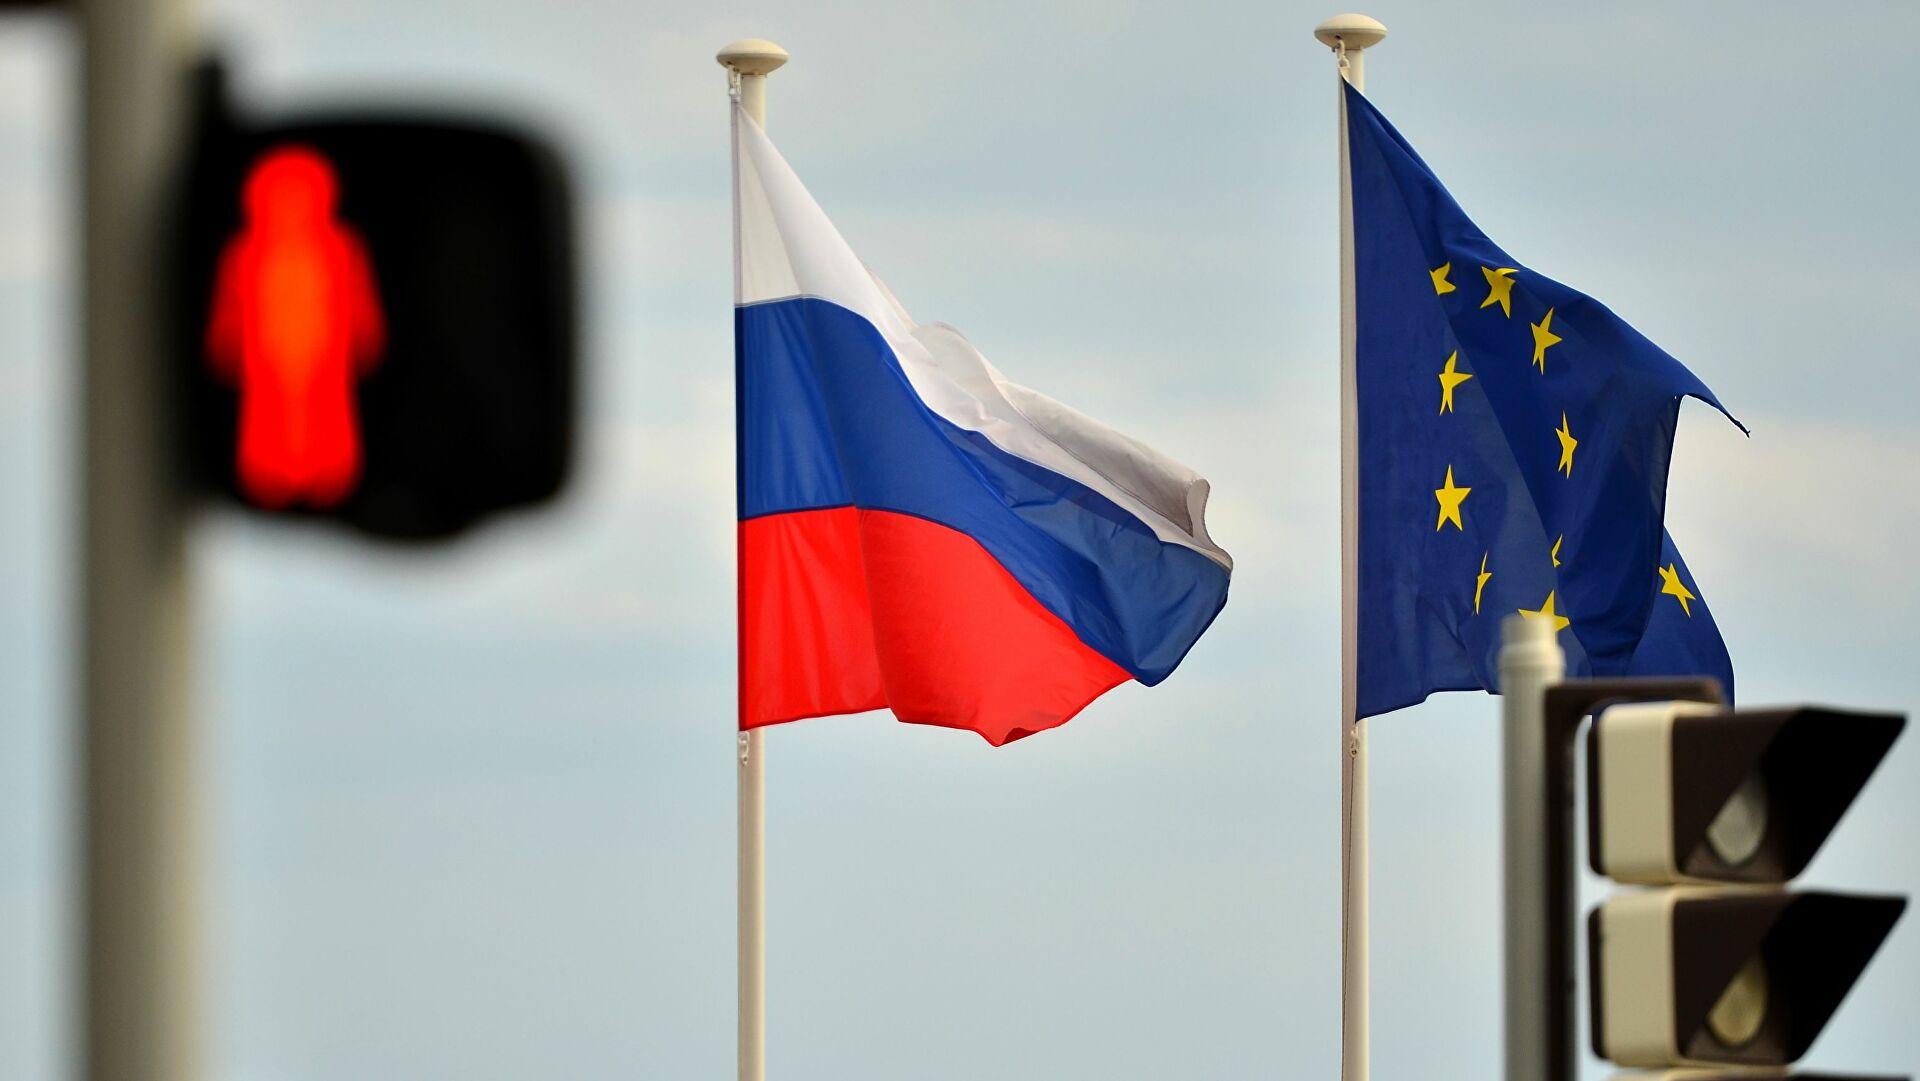 ЕУ ће званично усвојити нове санкције против Русије следеће седмице